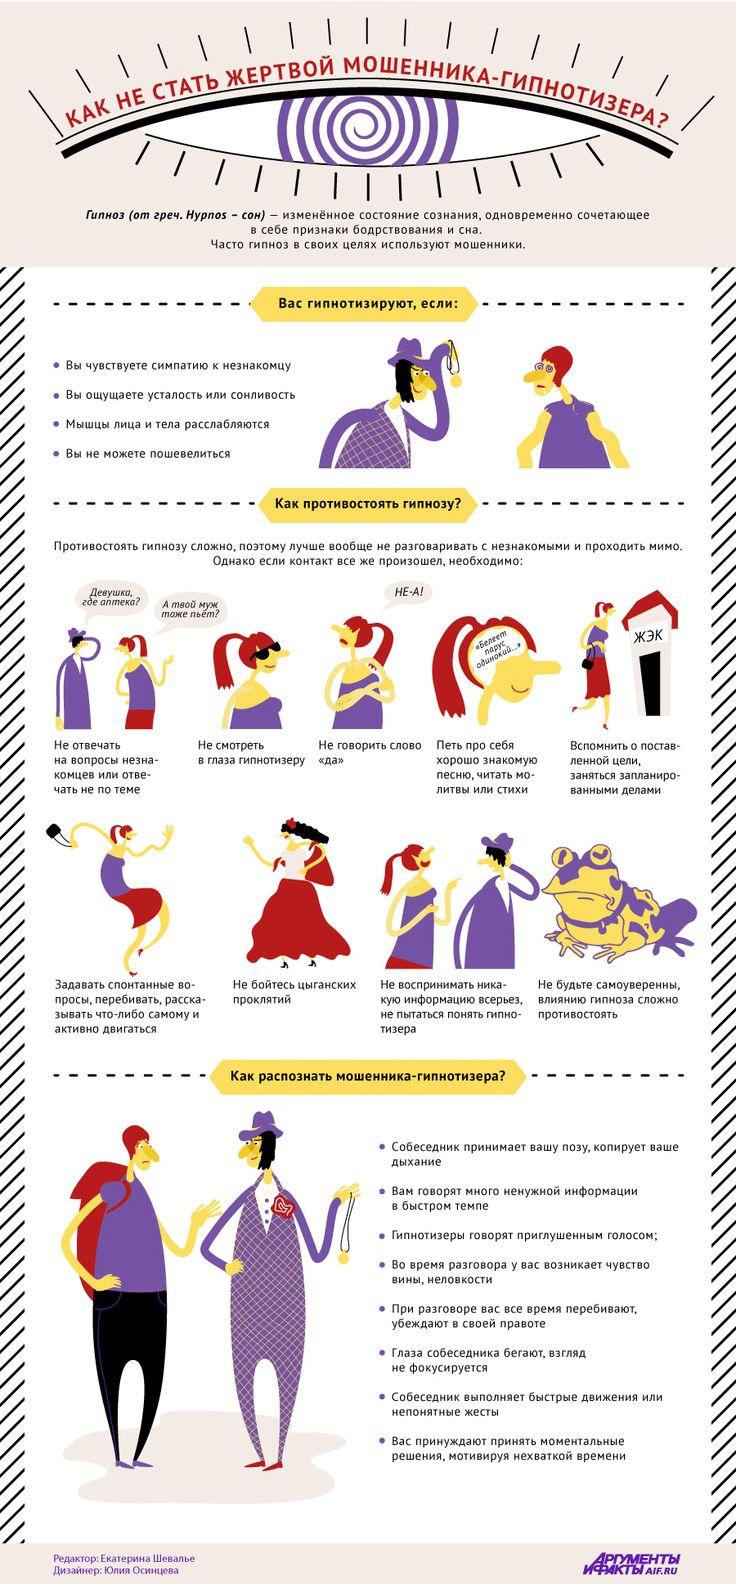 Как не стать жертвой мошенника-гипнотизера? Инфографика | Инфографика | Аргументы и Факты